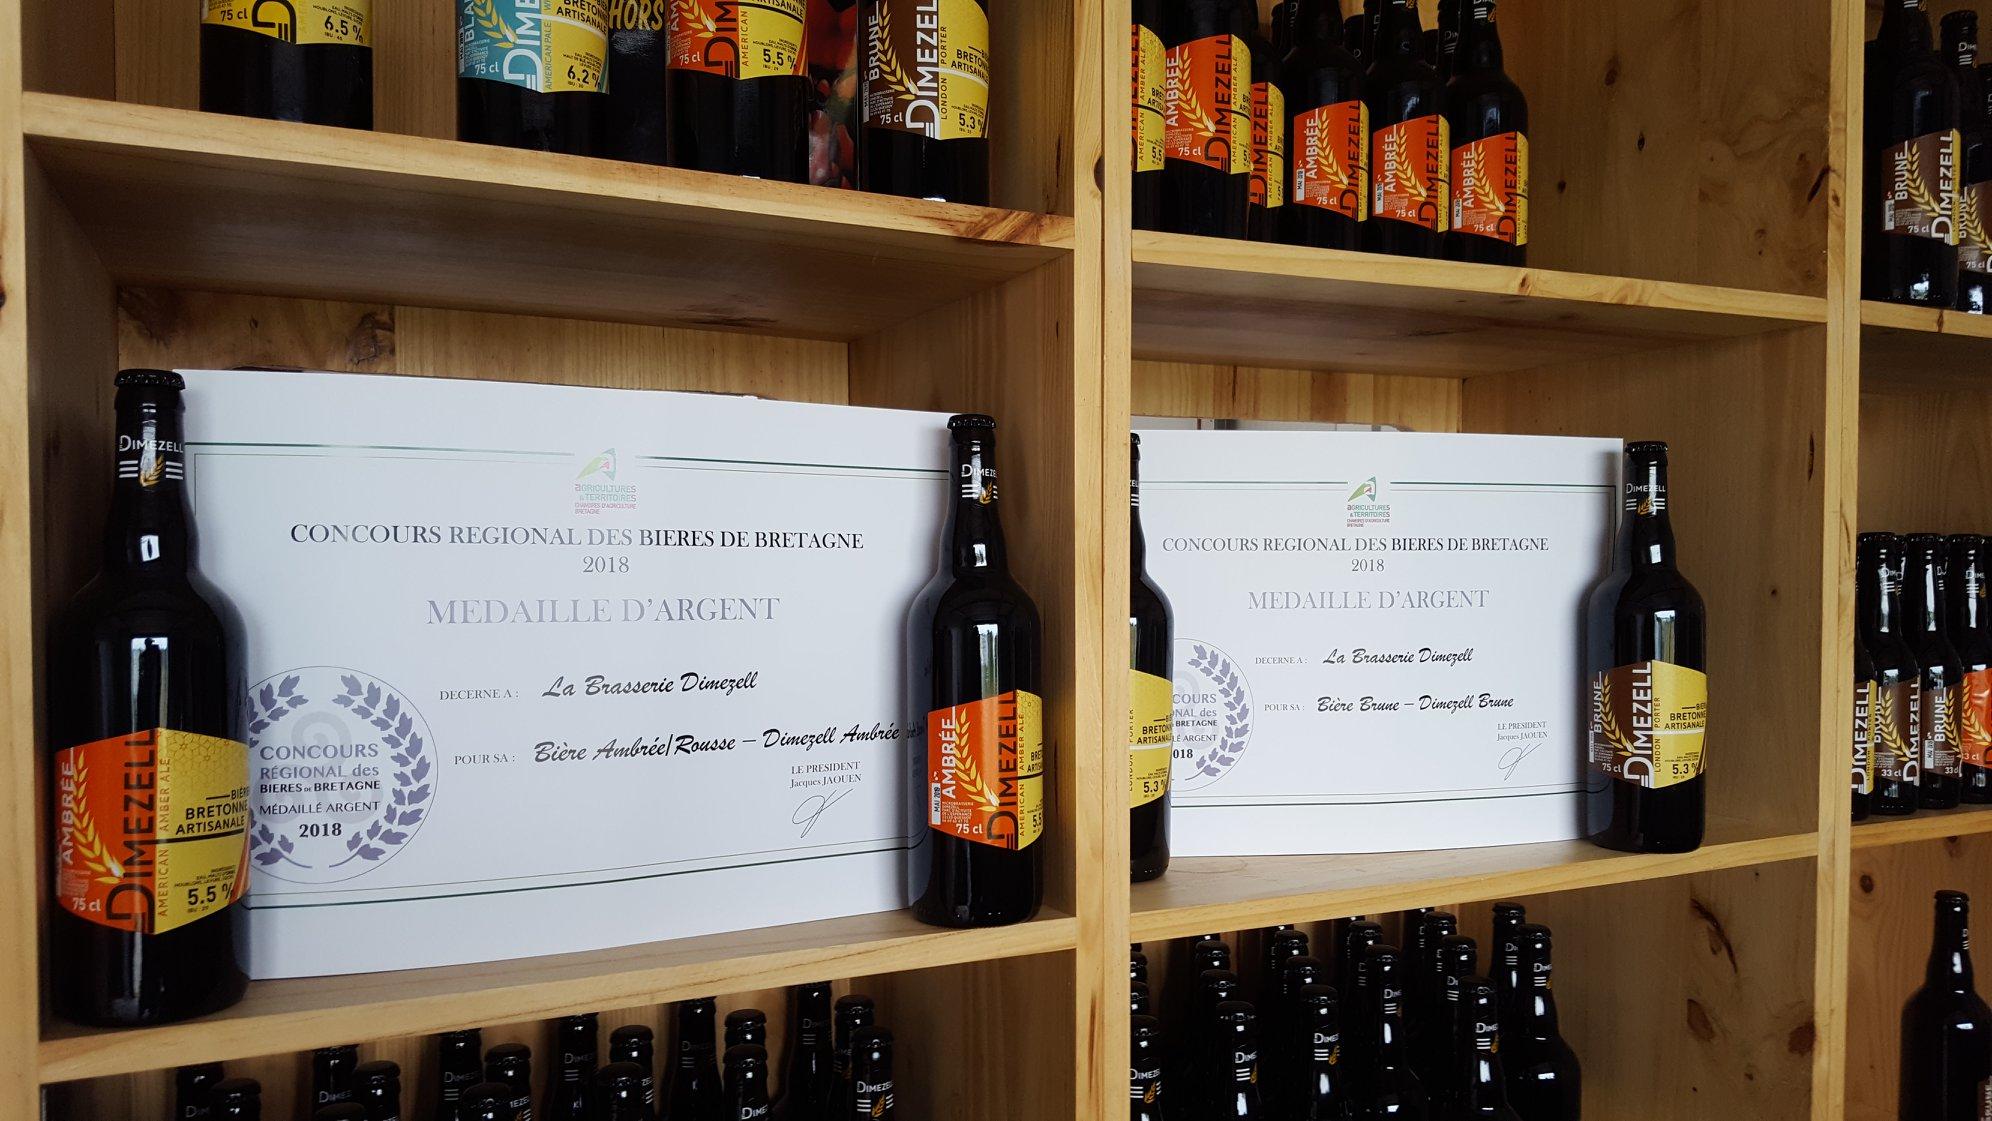 Brasserie Dimezell deux médailles d'argent au Concours Régional des Bières de Bretagne 2018